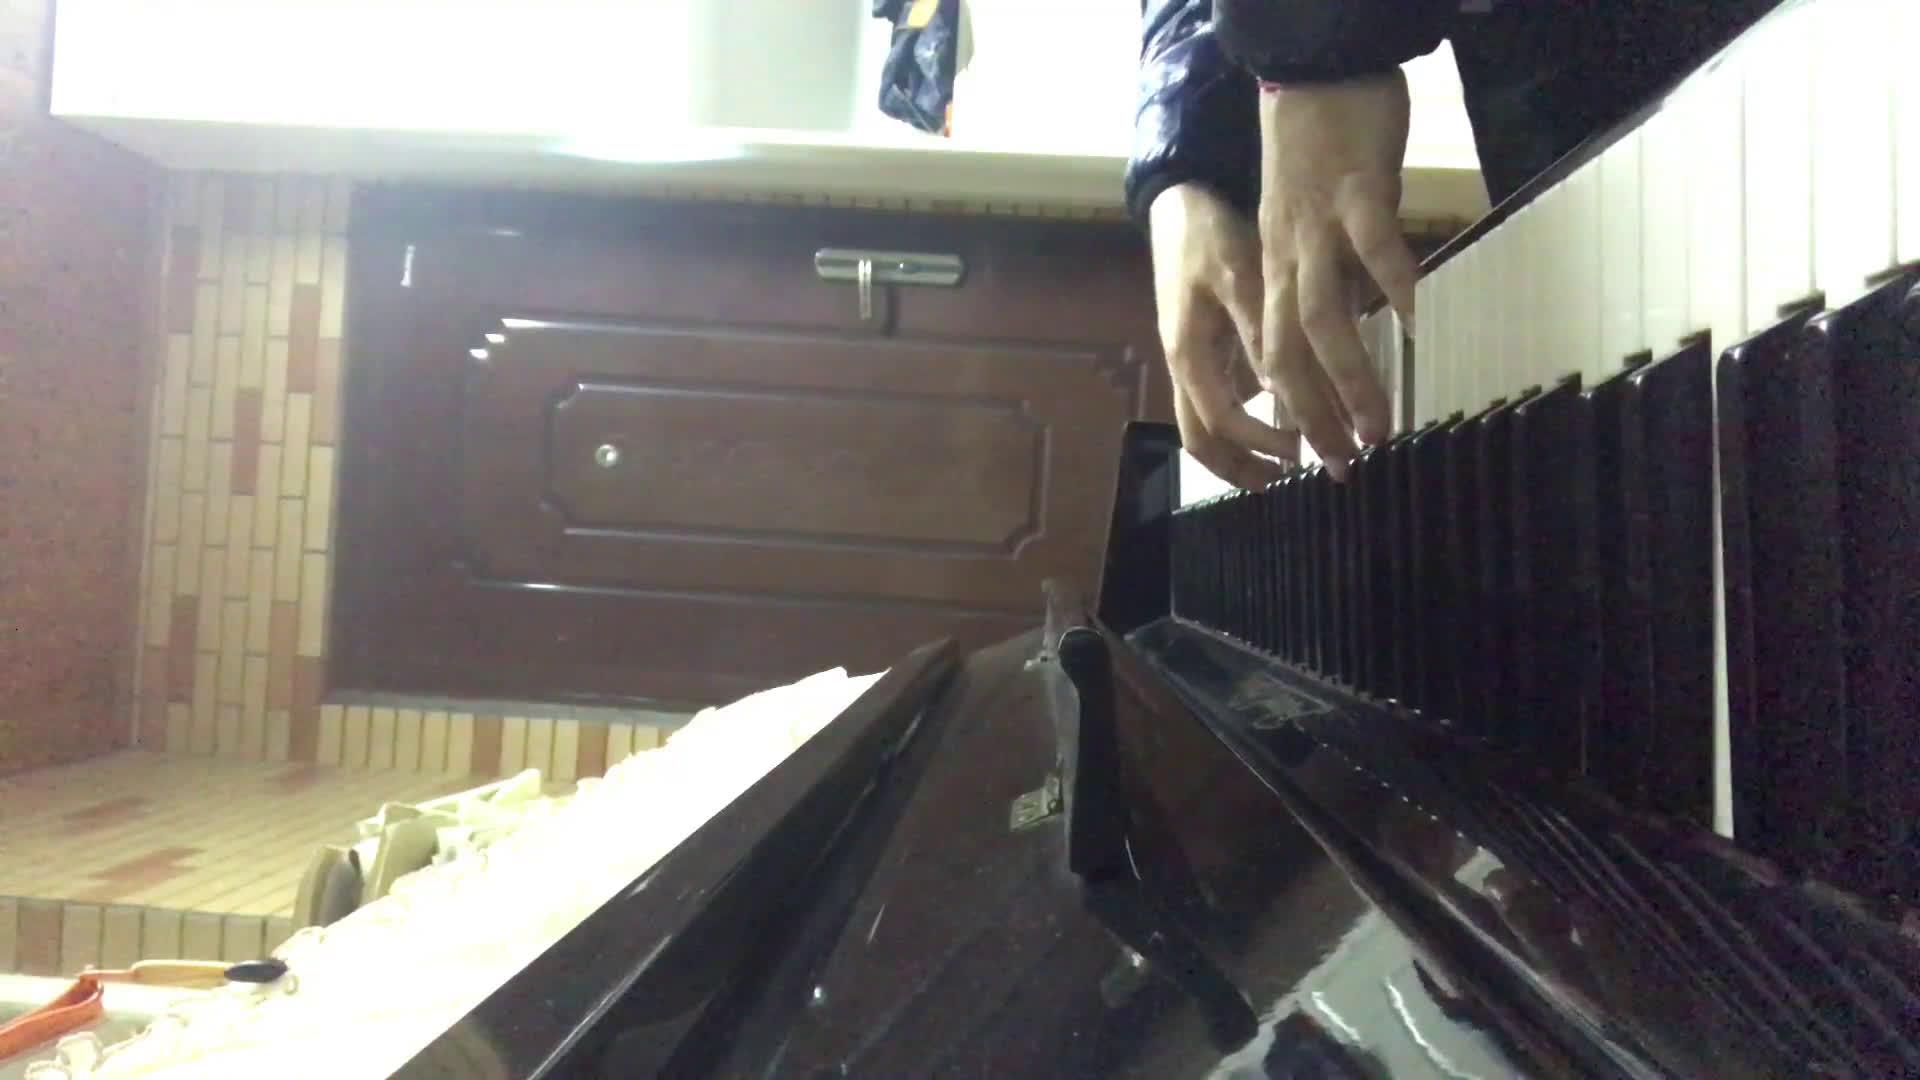 【钢琴】butterfly/数码宝贝 没有谱没有谱 弹琴靠感觉 a叔的高端谱图片